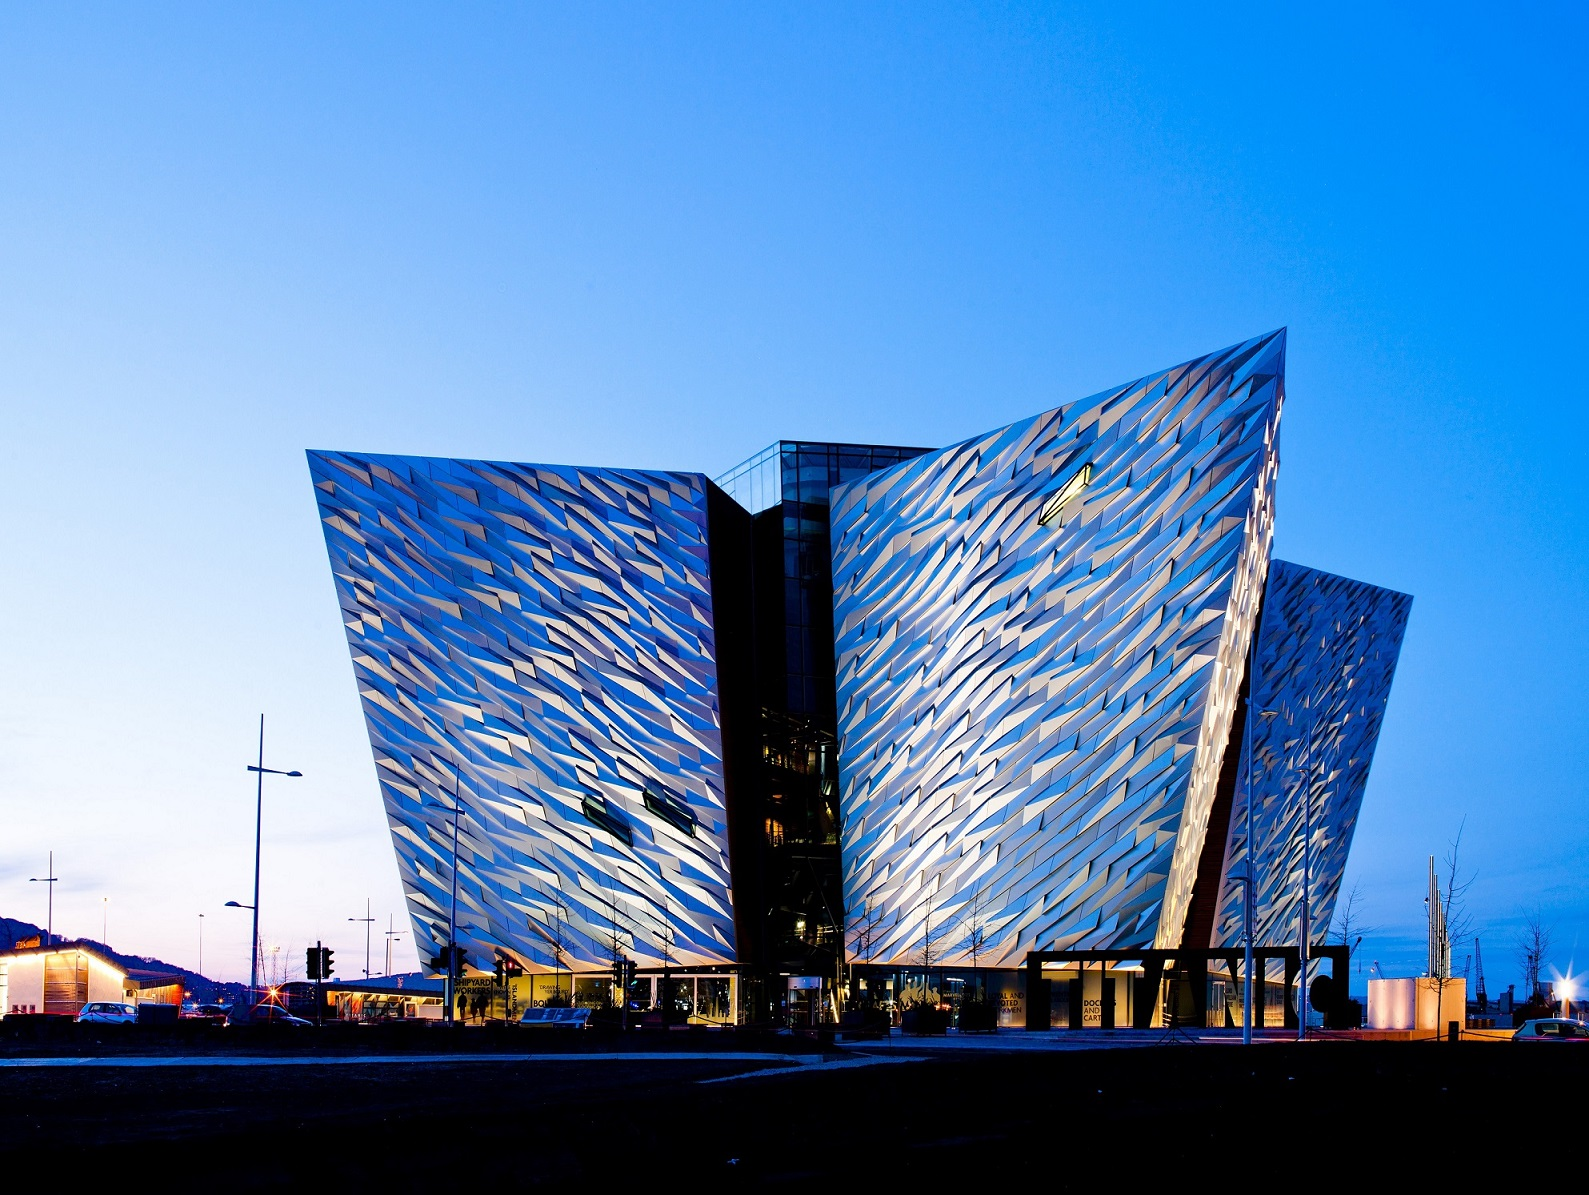 عشر وجهات لسياحة افتراضية من المنزل في ربوع أيرلندا